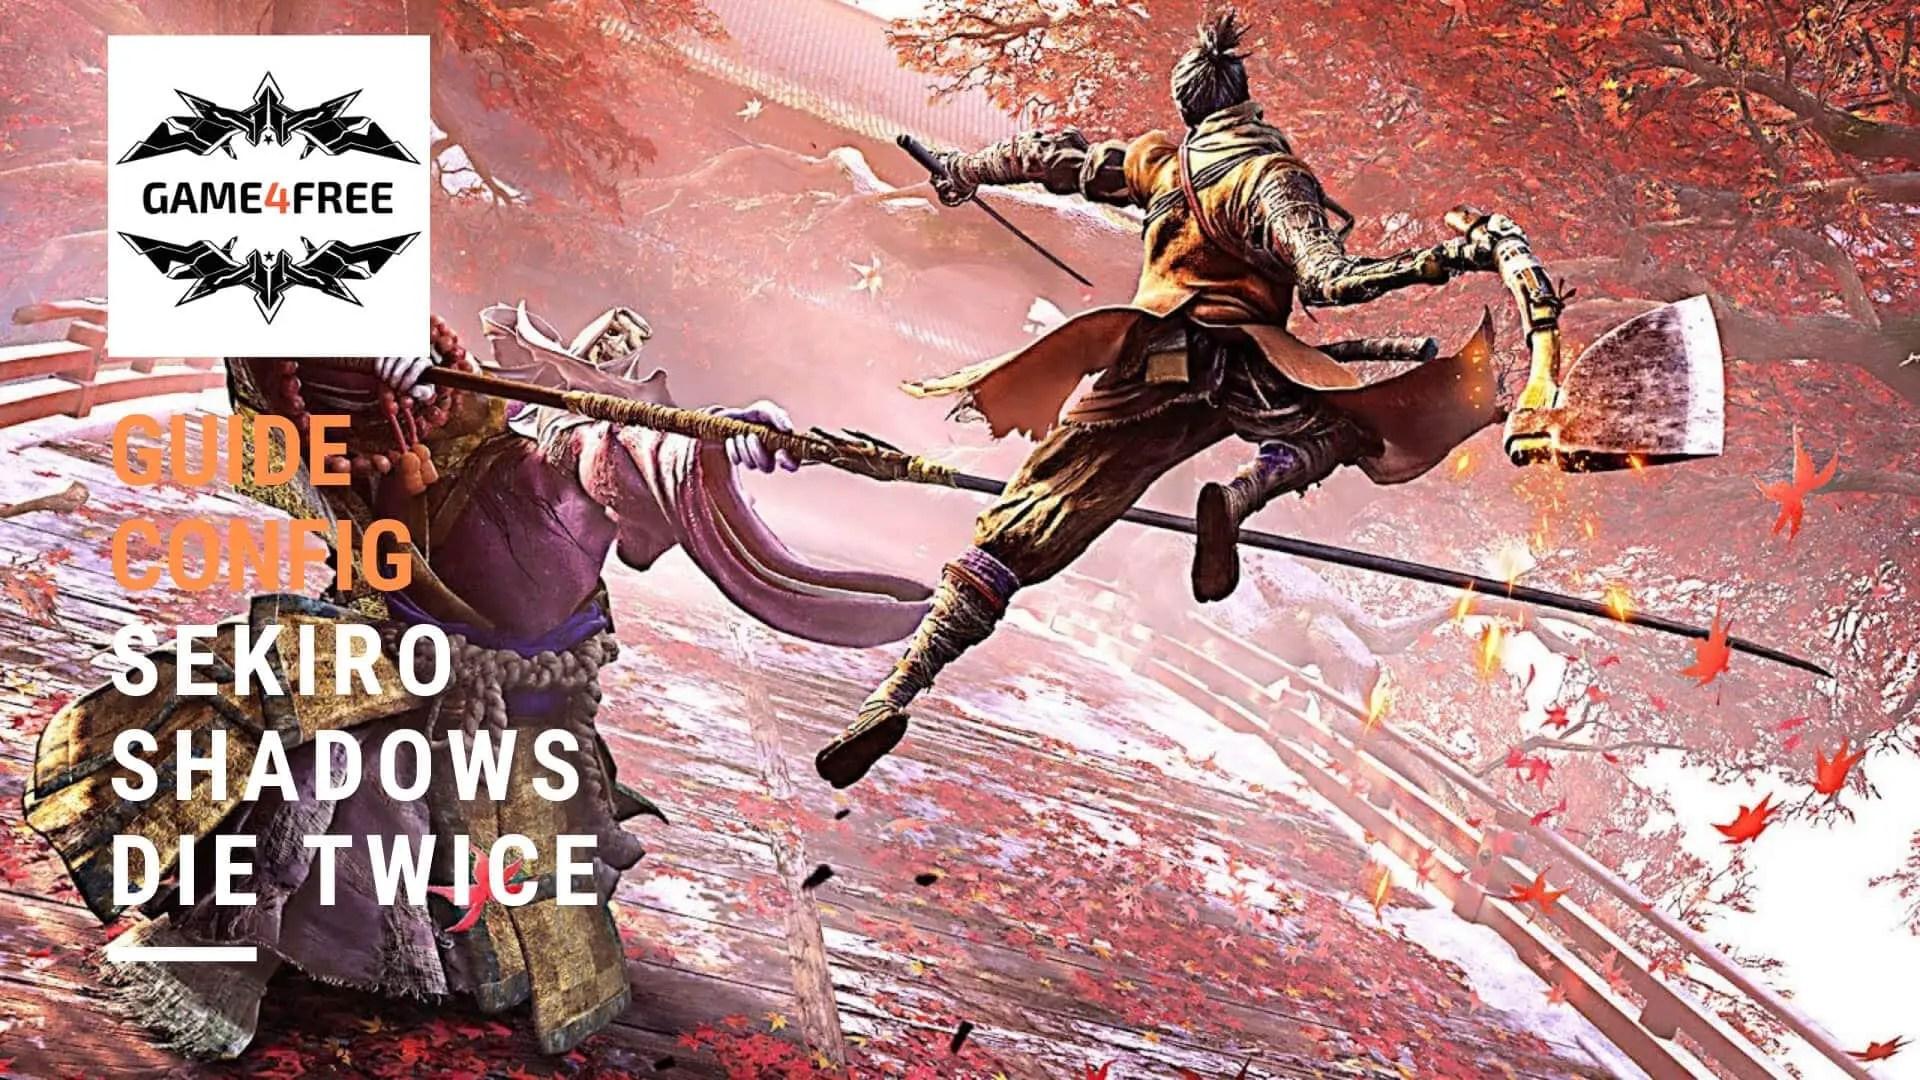 Configuration de PC Gamer pour Sekiro Shadows Die Twice